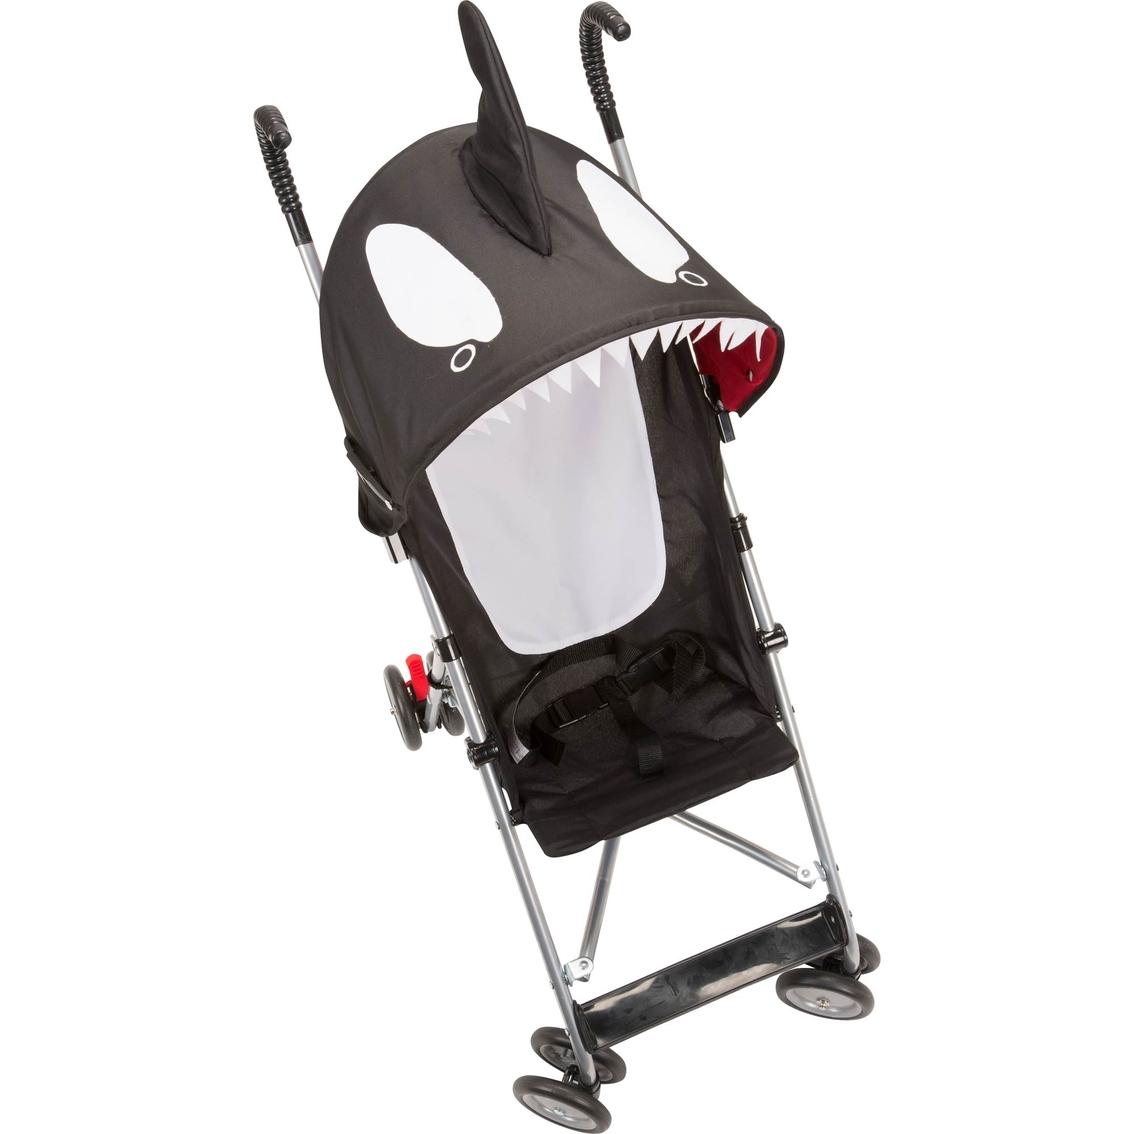 Umbrella Stroller Toys